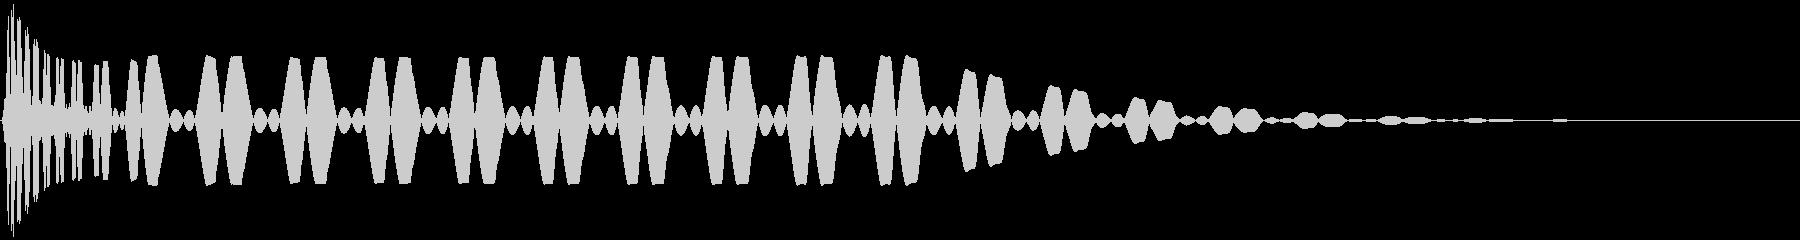 キック/ドラム/デジタル/Key-Fの未再生の波形